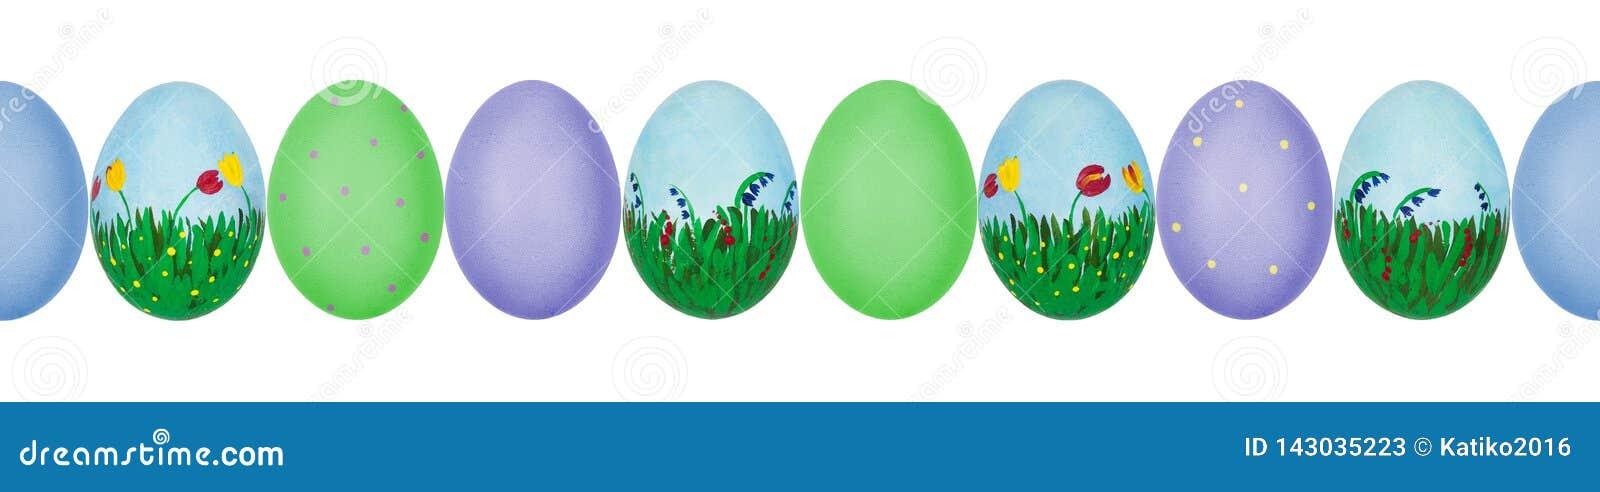 Κλείστε επάνω τη φωτογραφία των ζωηρόχρωμων χρωματισμένων χέρι αυγών Πάσχας με eggshell τη σύσταση σε μια σειρά πρότυπο άνευ ραφή